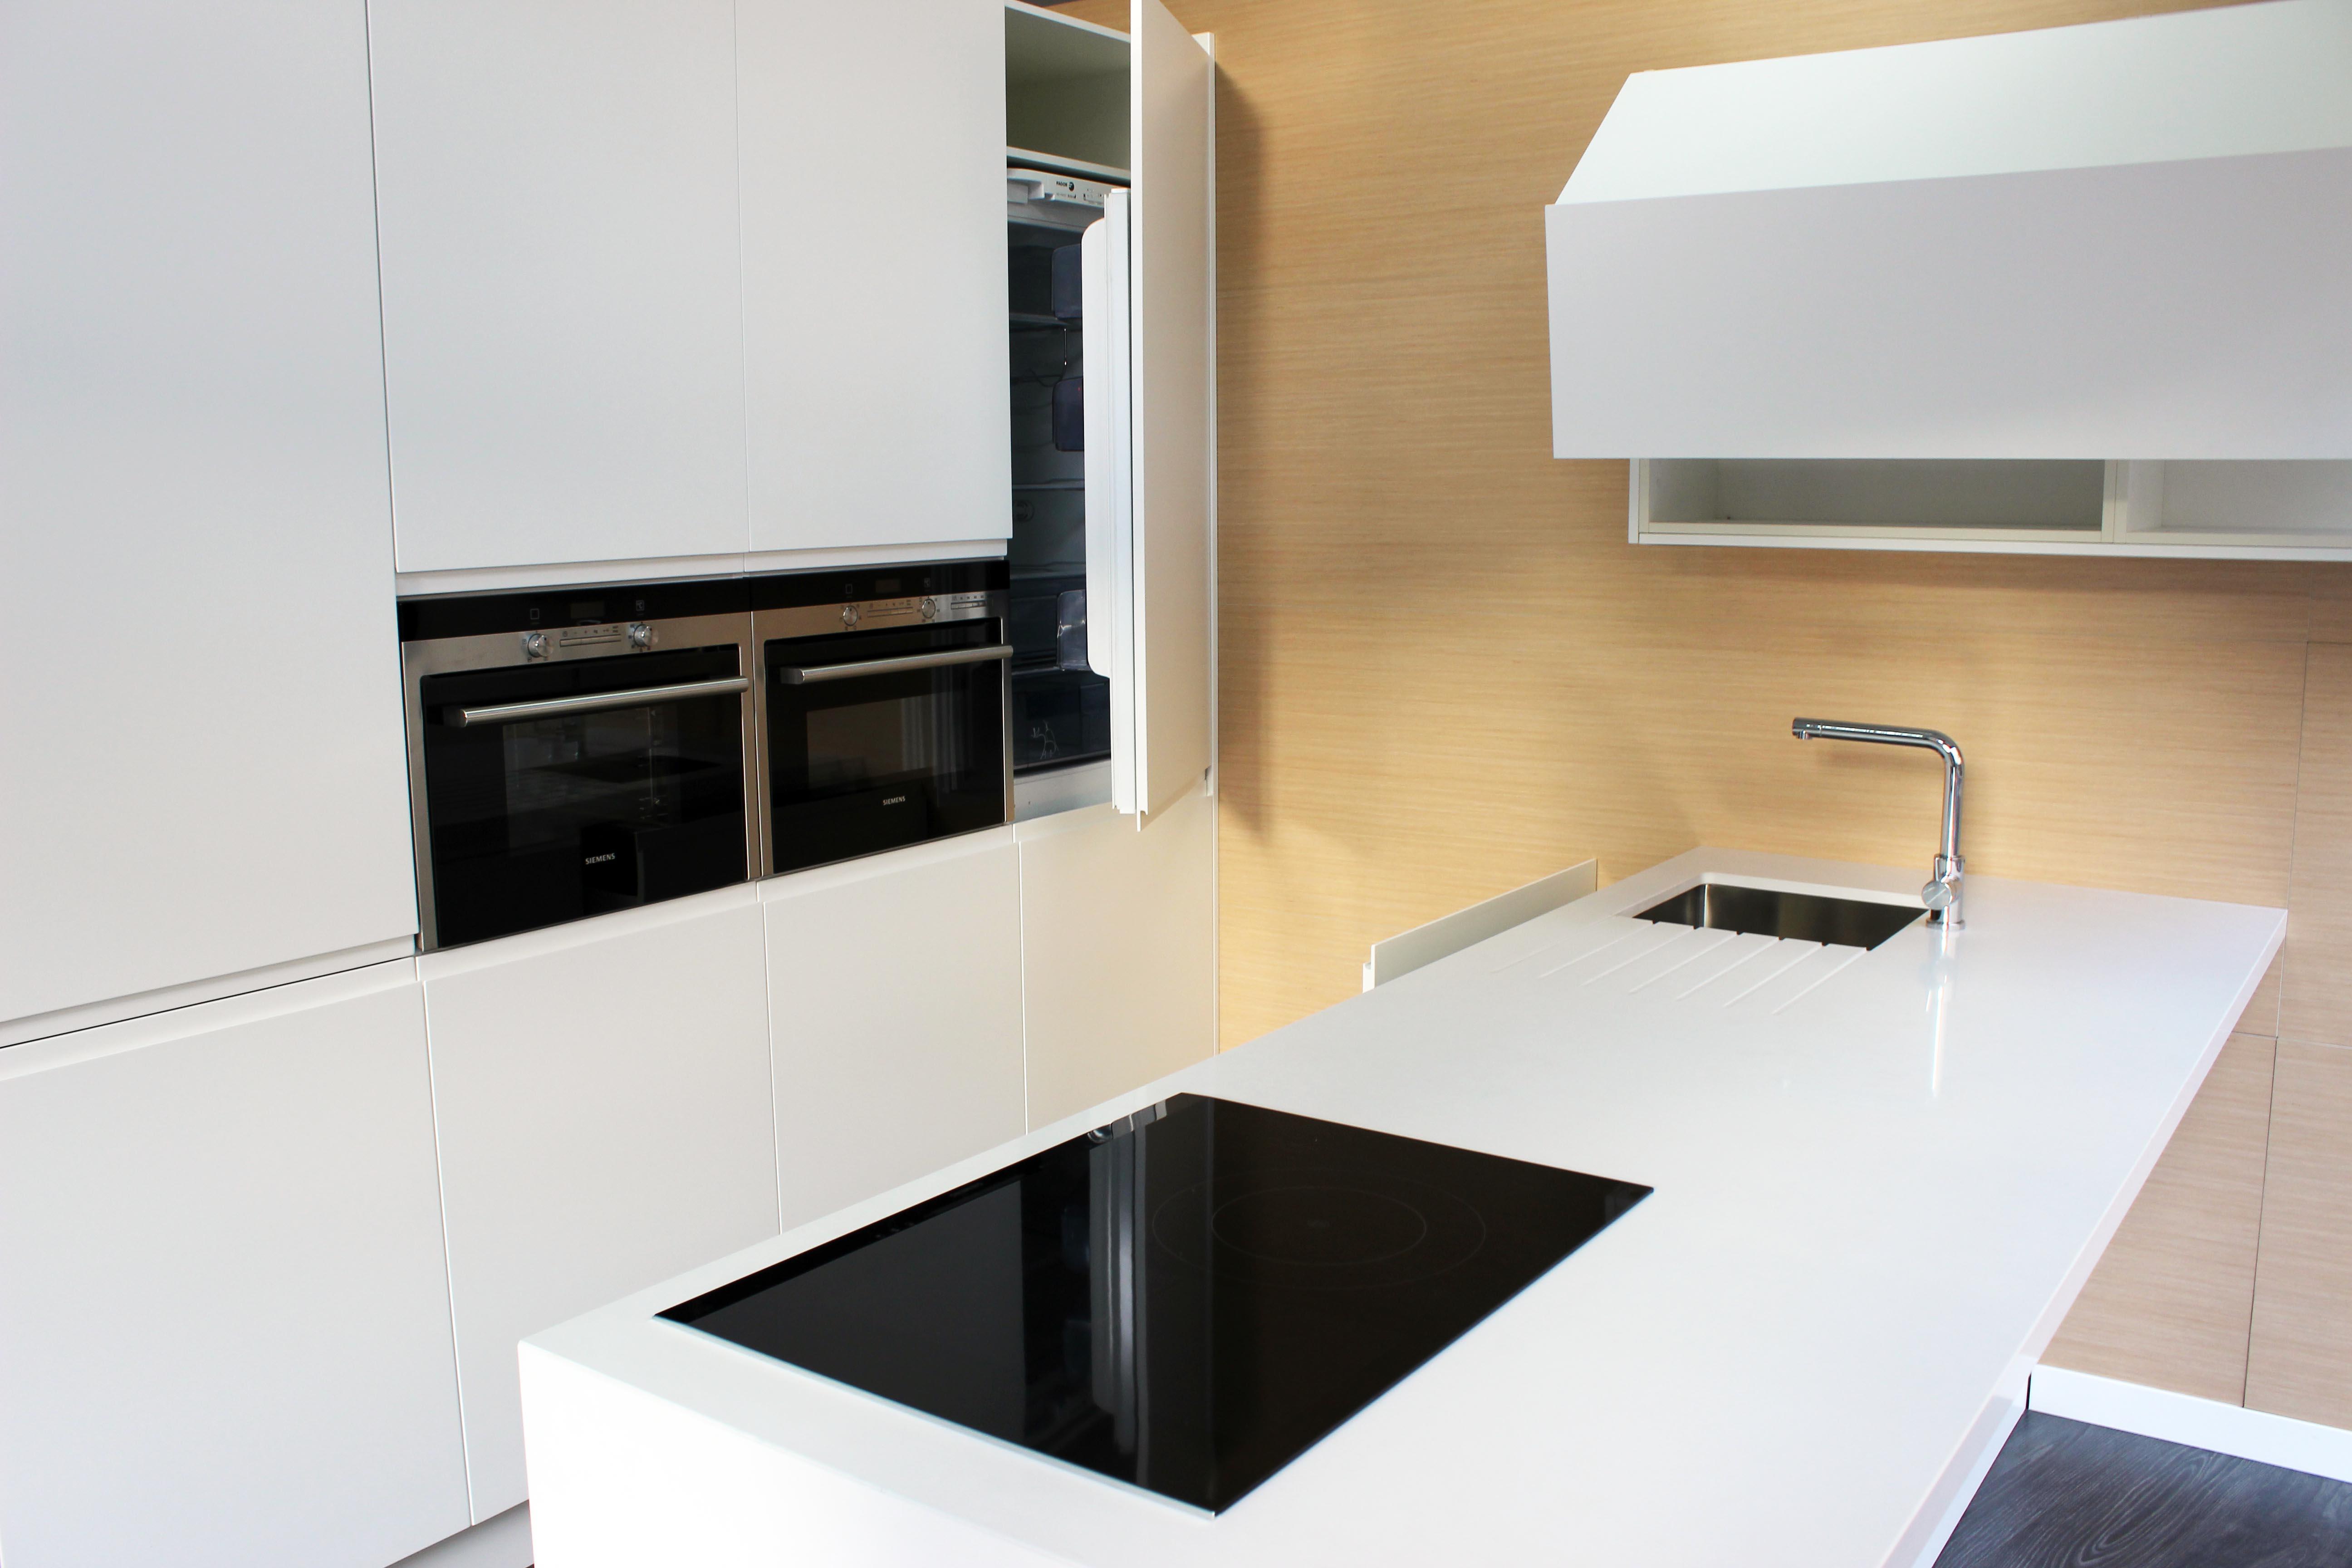 Bisagras De Muebles De Cocina | Trucos Para Suavizar Puertas De ...